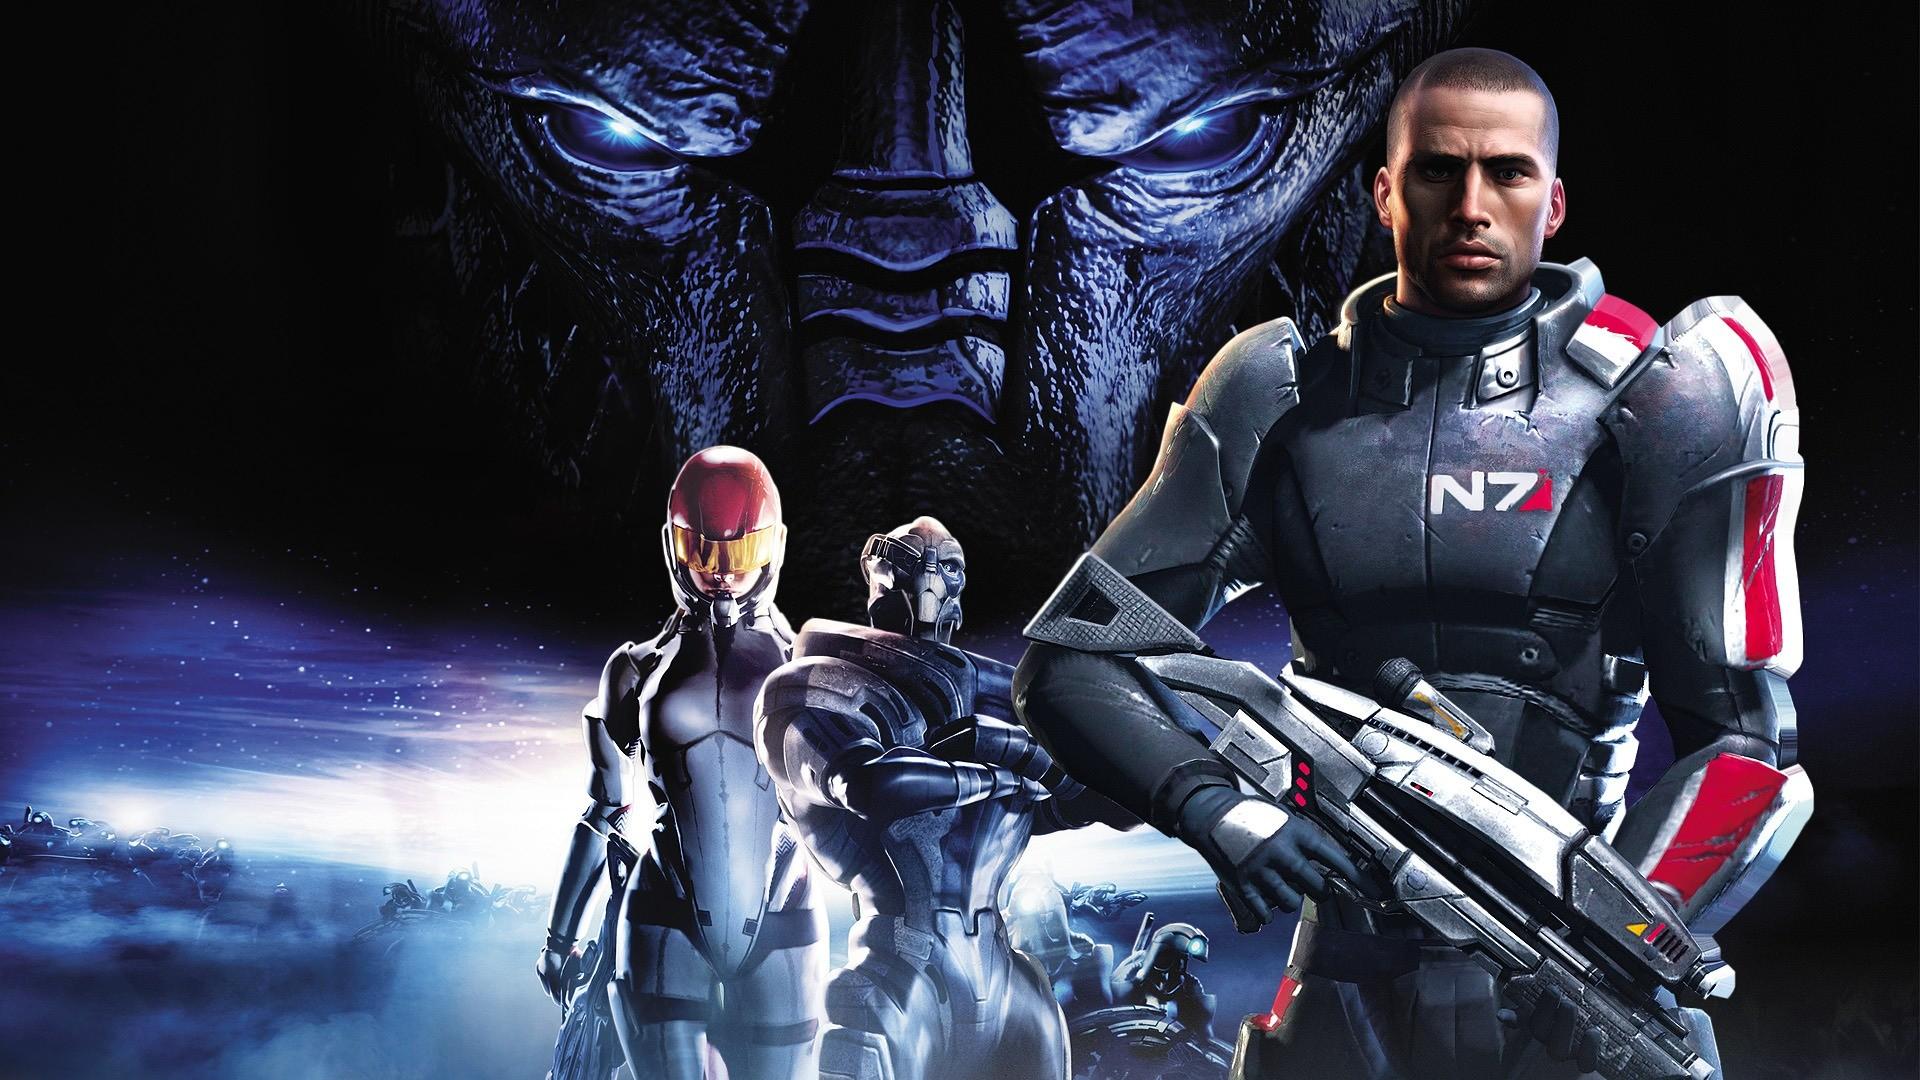 Mass Effect 1 Wallpaper (72+ images)